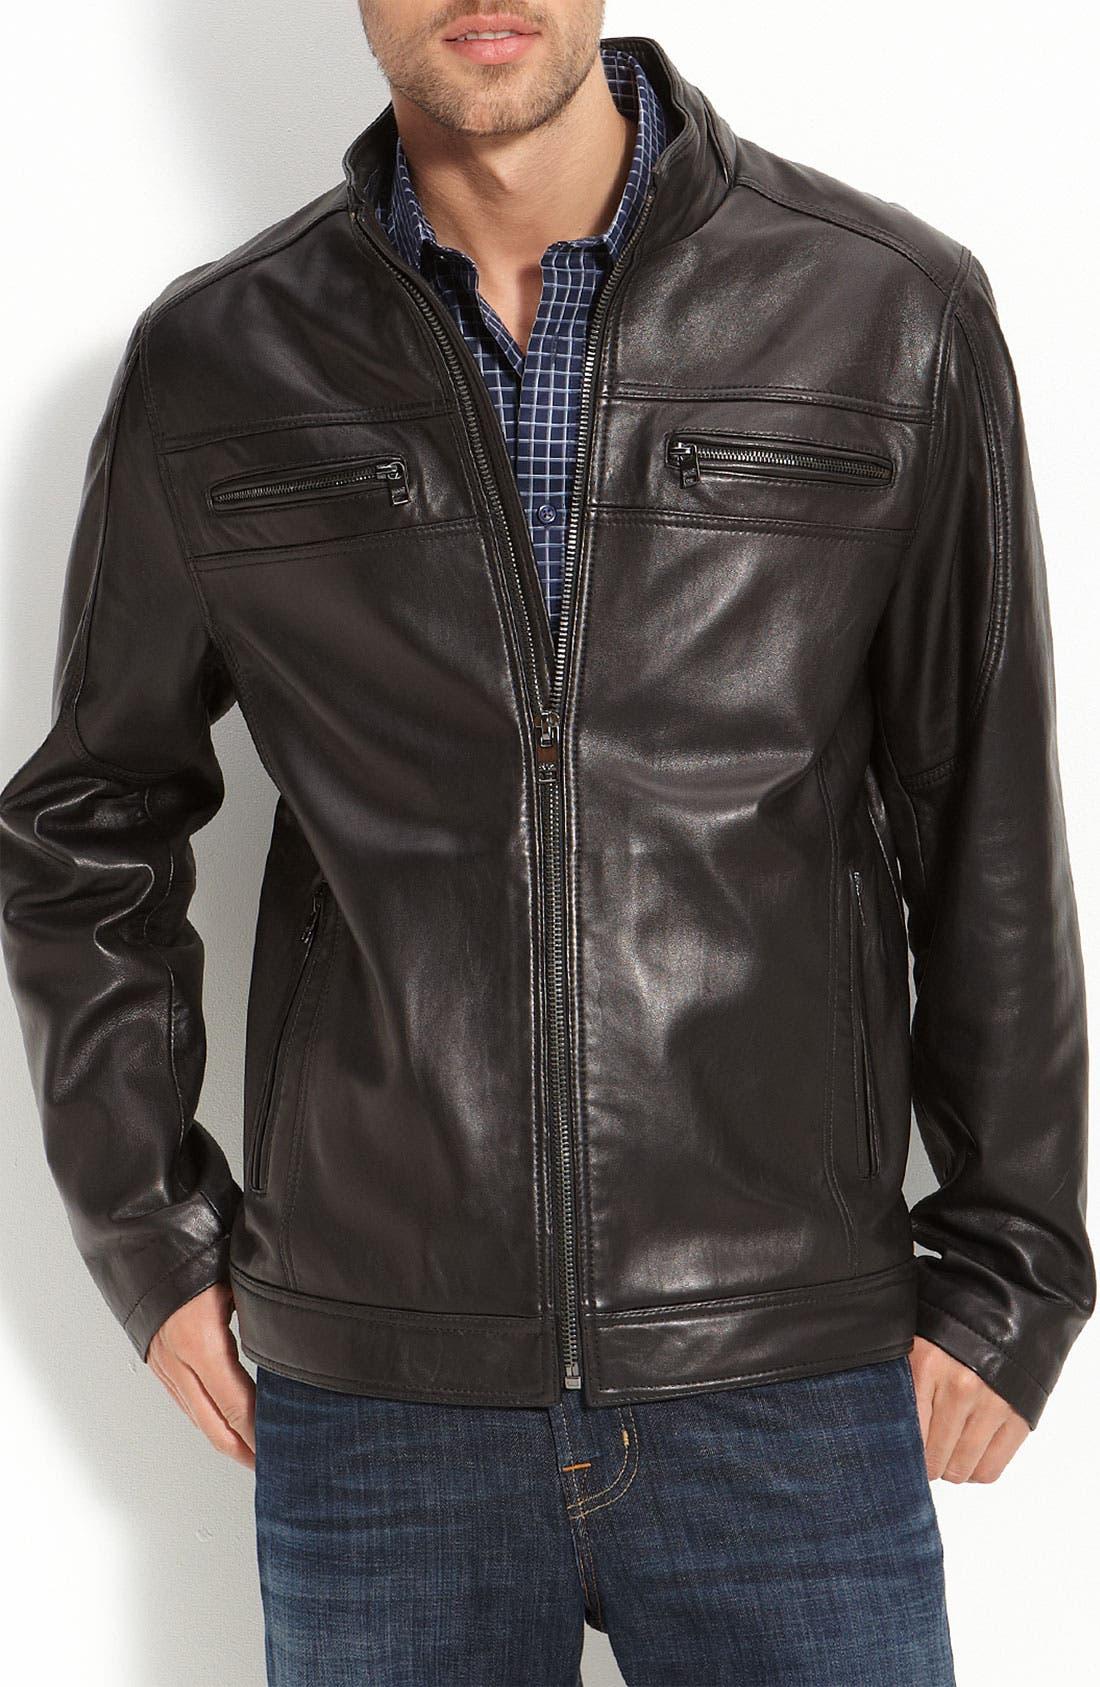 Alternate Image 1 Selected - Marc New York 'Jackson' Leather Jacket